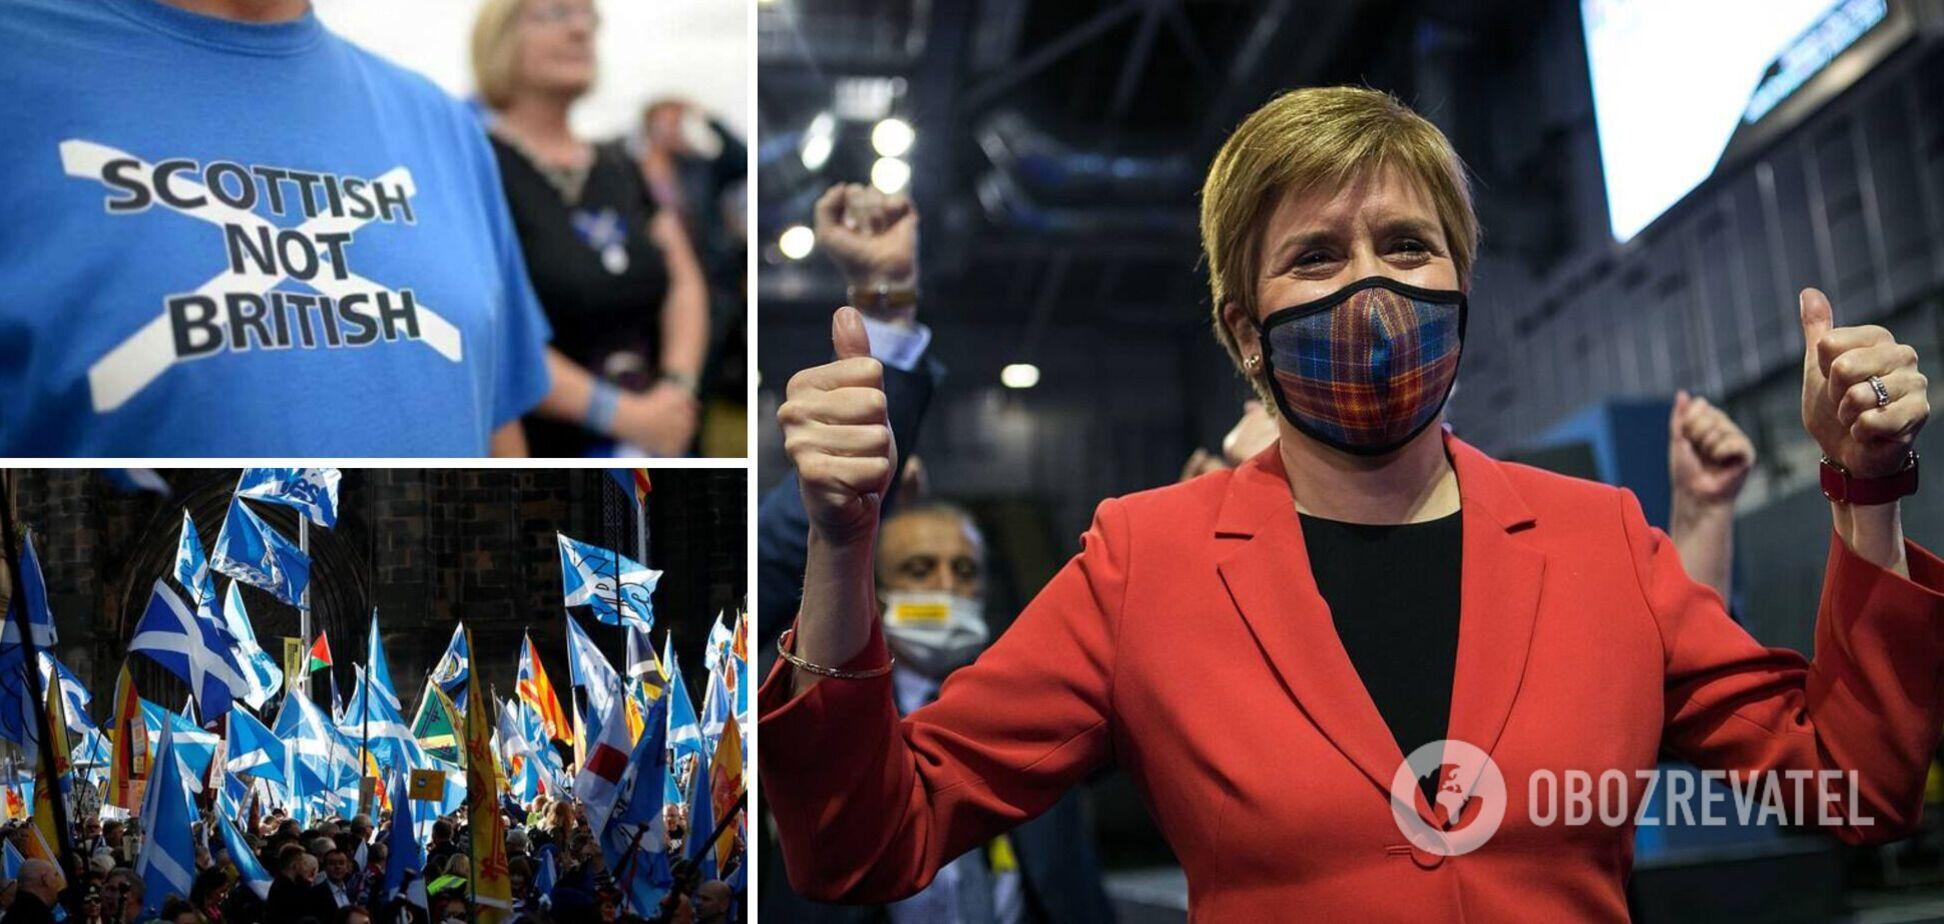 В Шотландии сторонники независимости победили на выборах и потребовали новый референдум